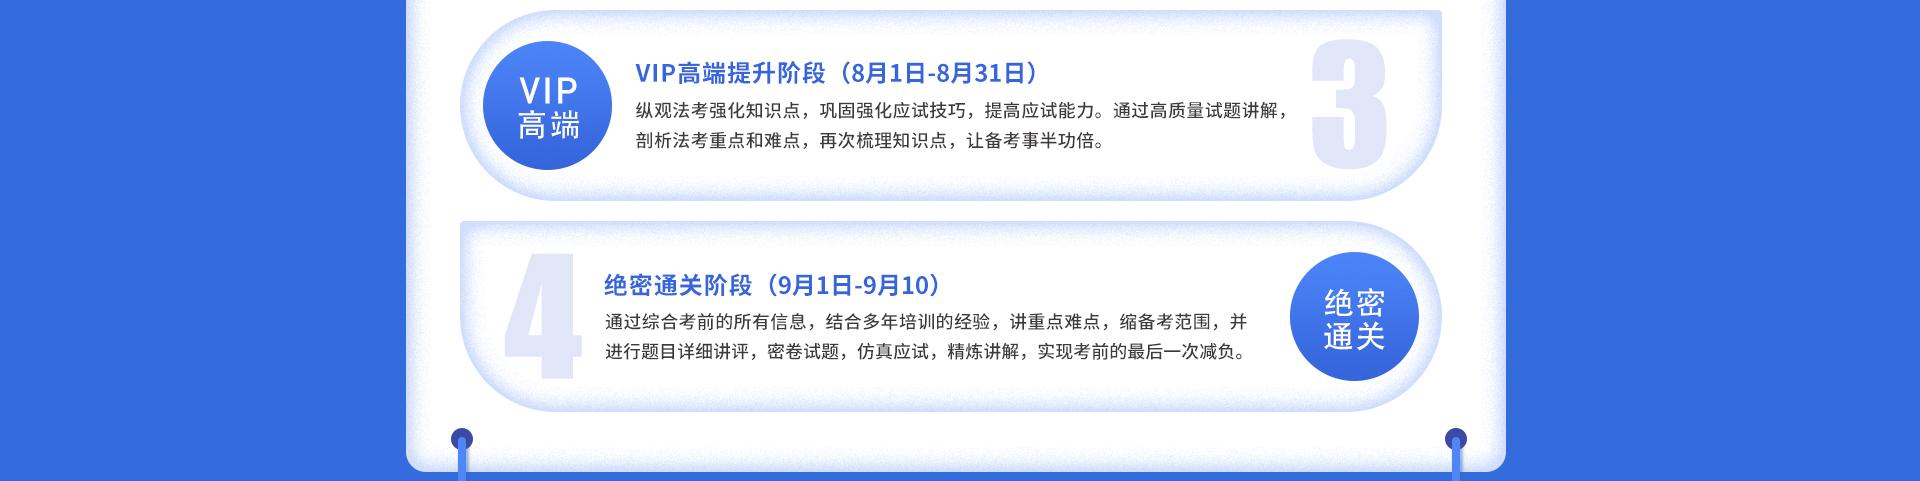 专题页面:VIP协议班1920x_06.jpg